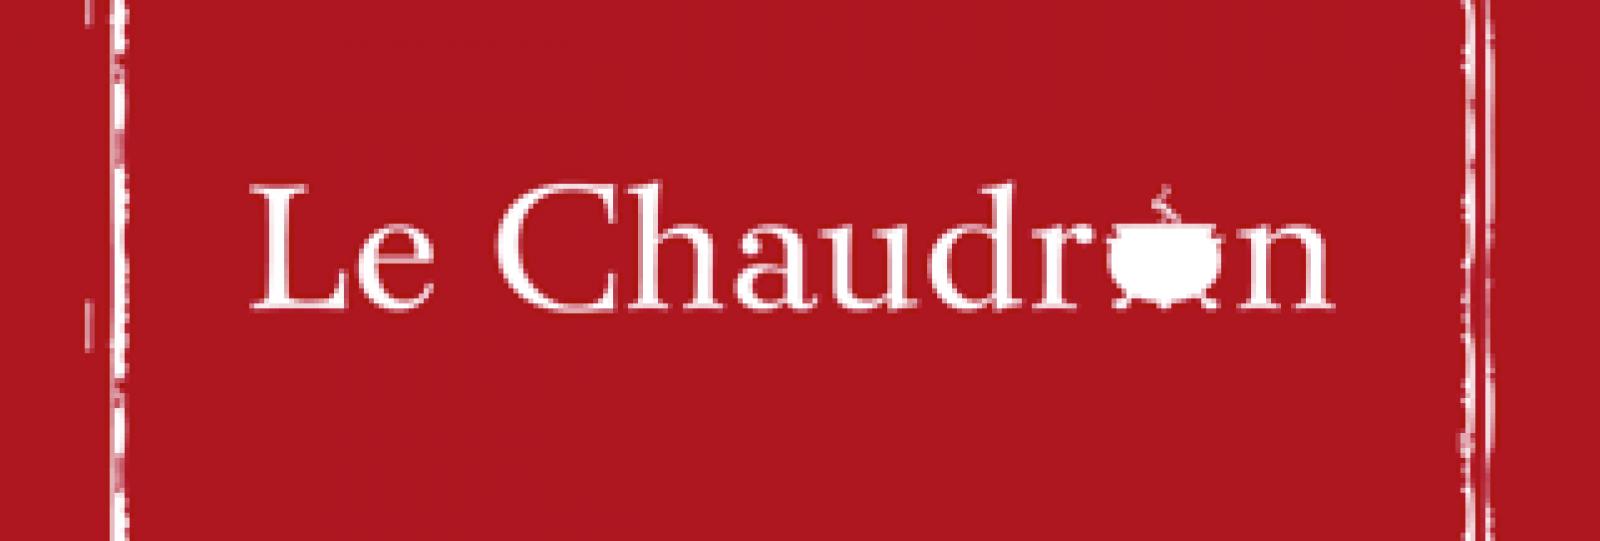 Le Chaudron